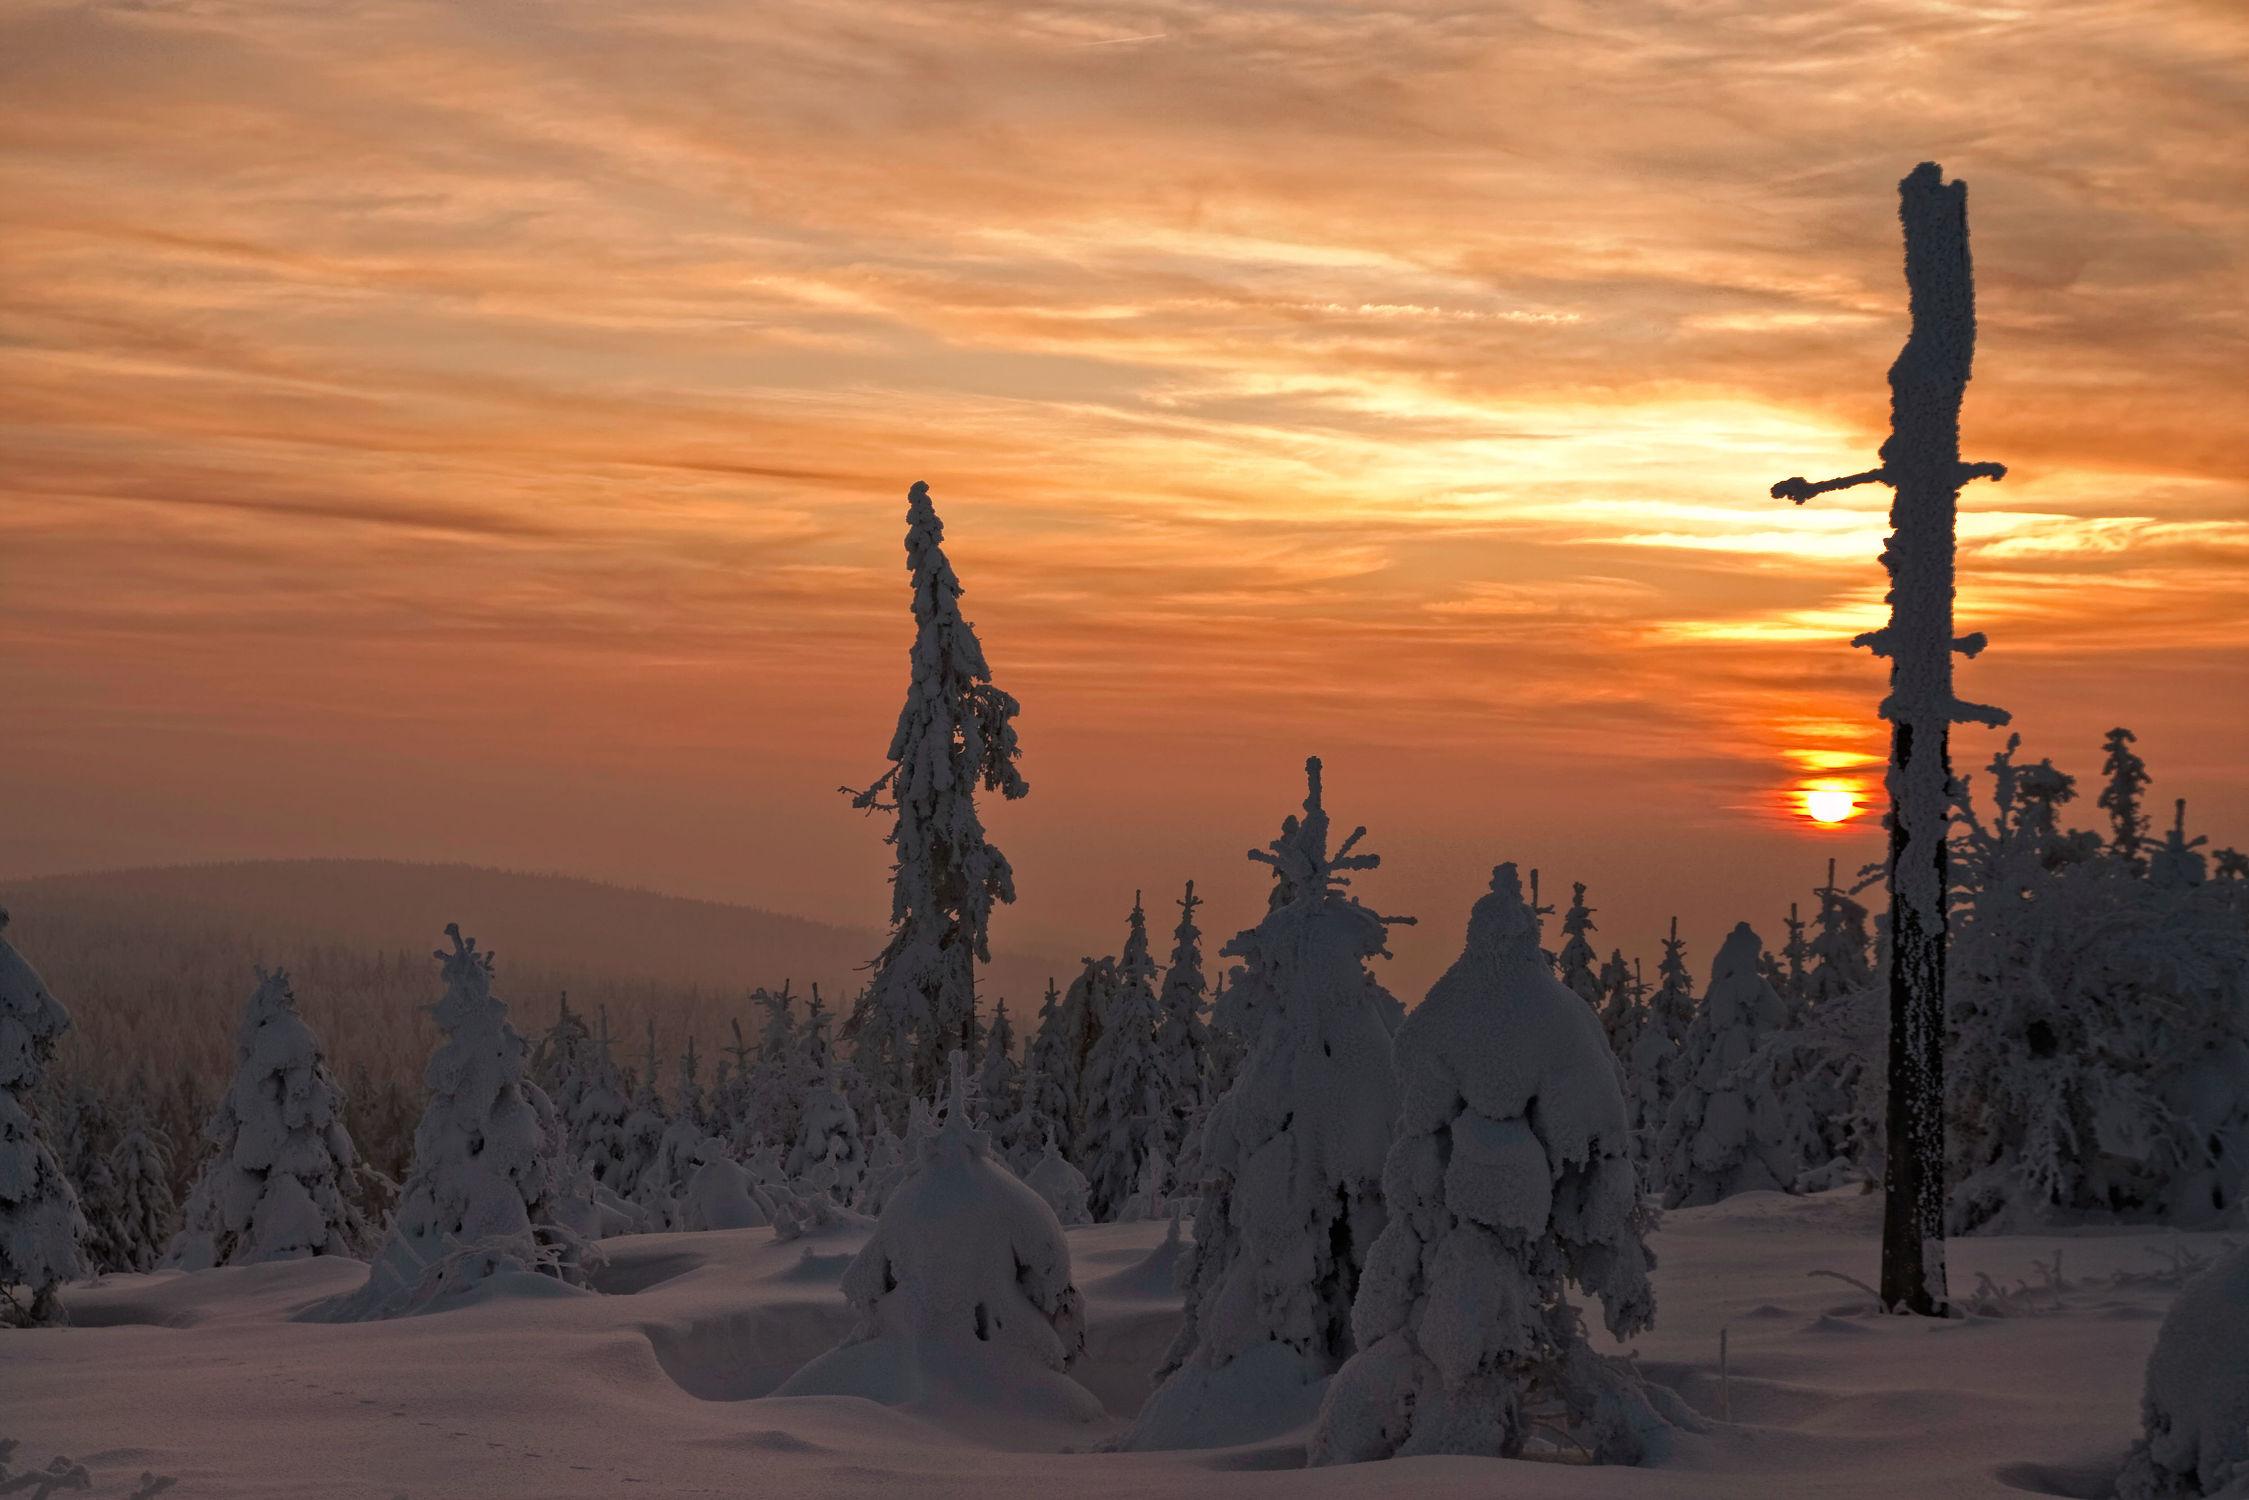 Bild mit Landschaften, Schnee, Wälder, Tannen, Wald, Landschaft, Winterlandschaften, Gebirge, fichtelgebirge